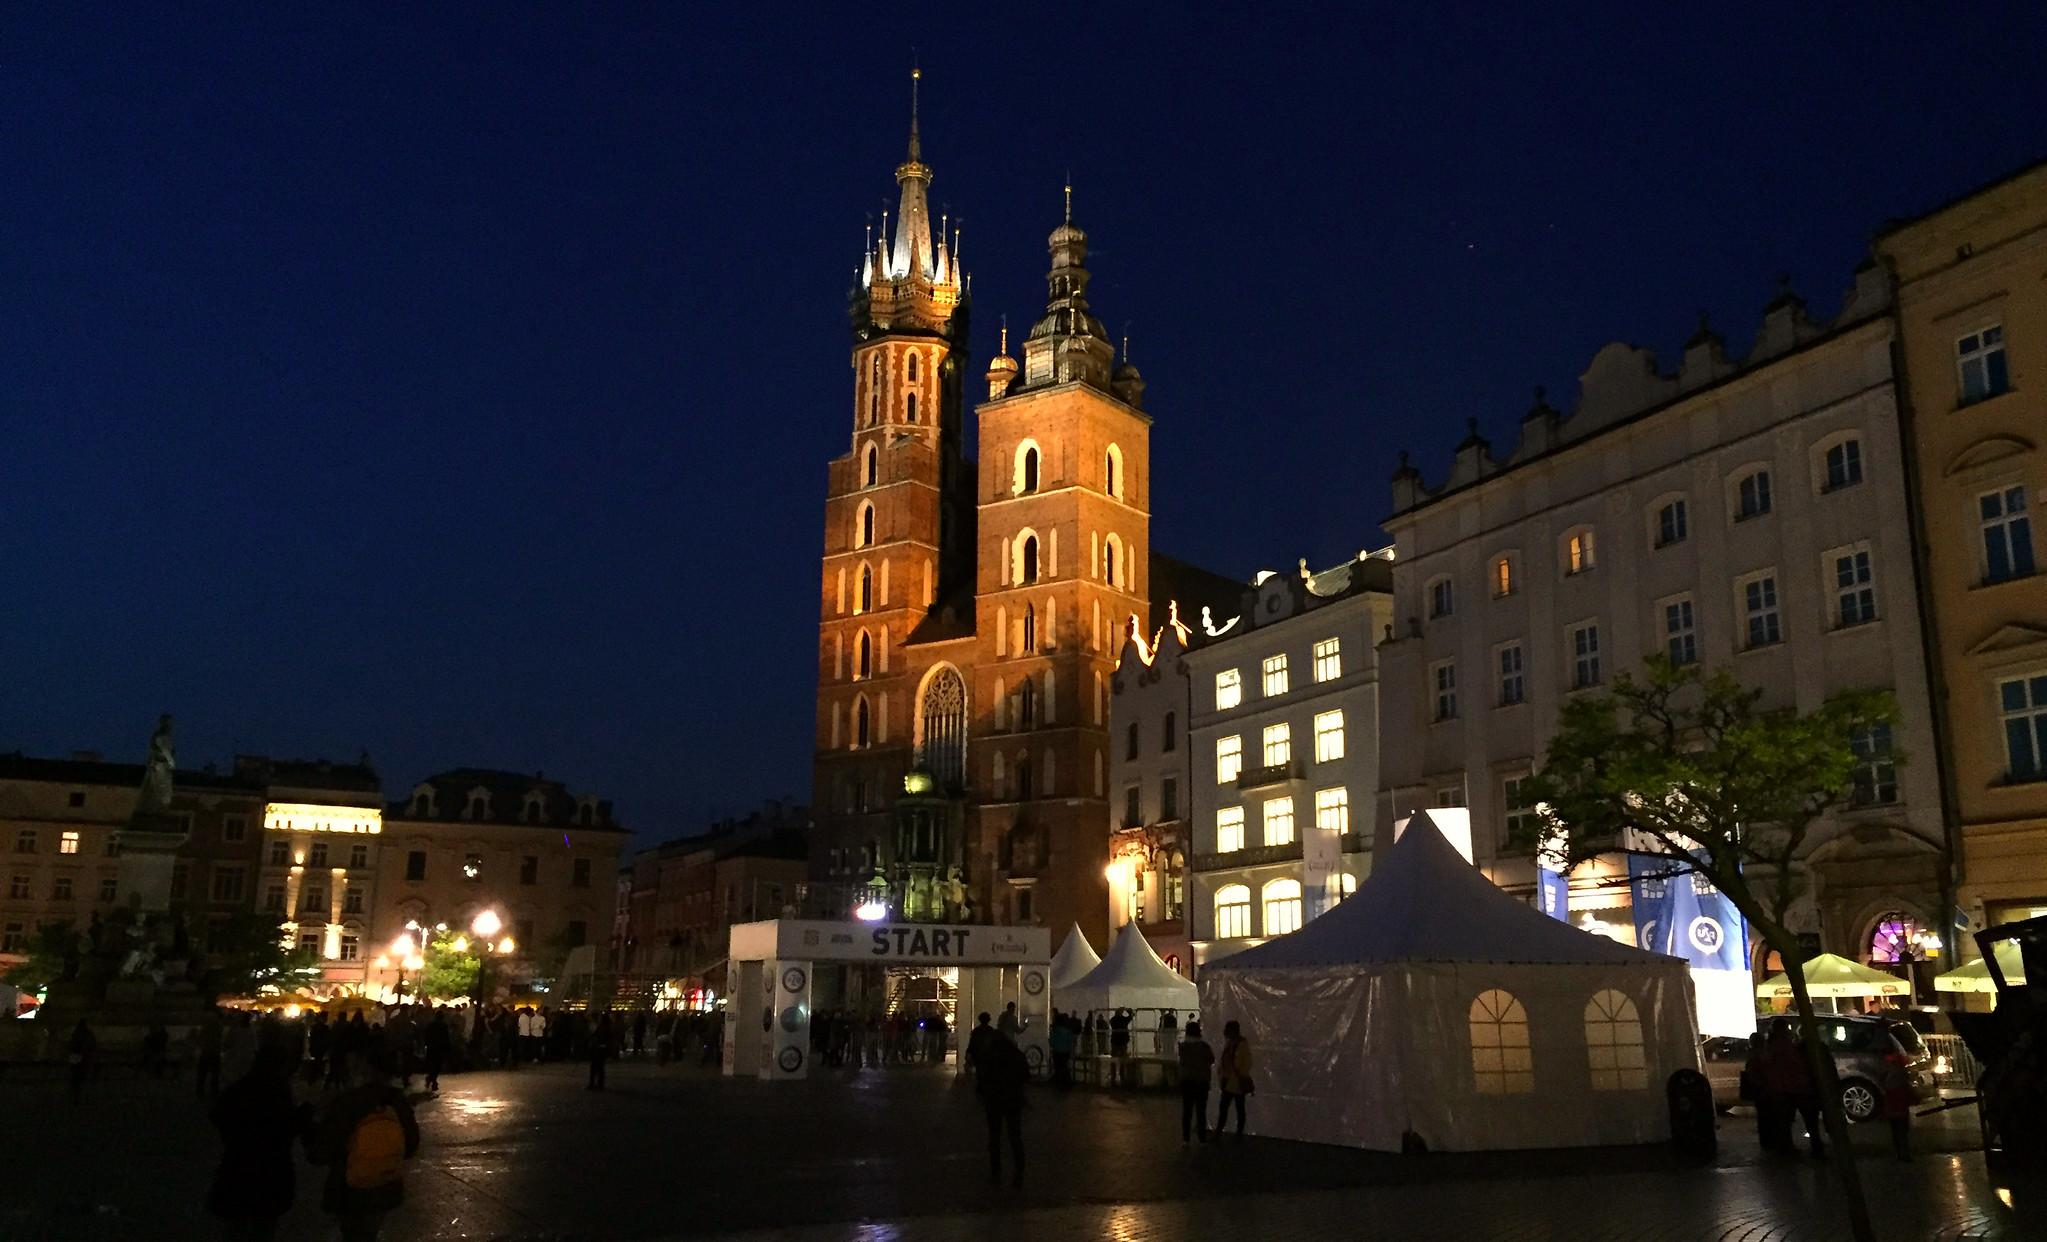 Qué ver en Cracovia, Krakow, Polonia, Poland qué ver en cracovia - 38652454650 ba33490d35 k - Qué ver en Cracovia, Polonia